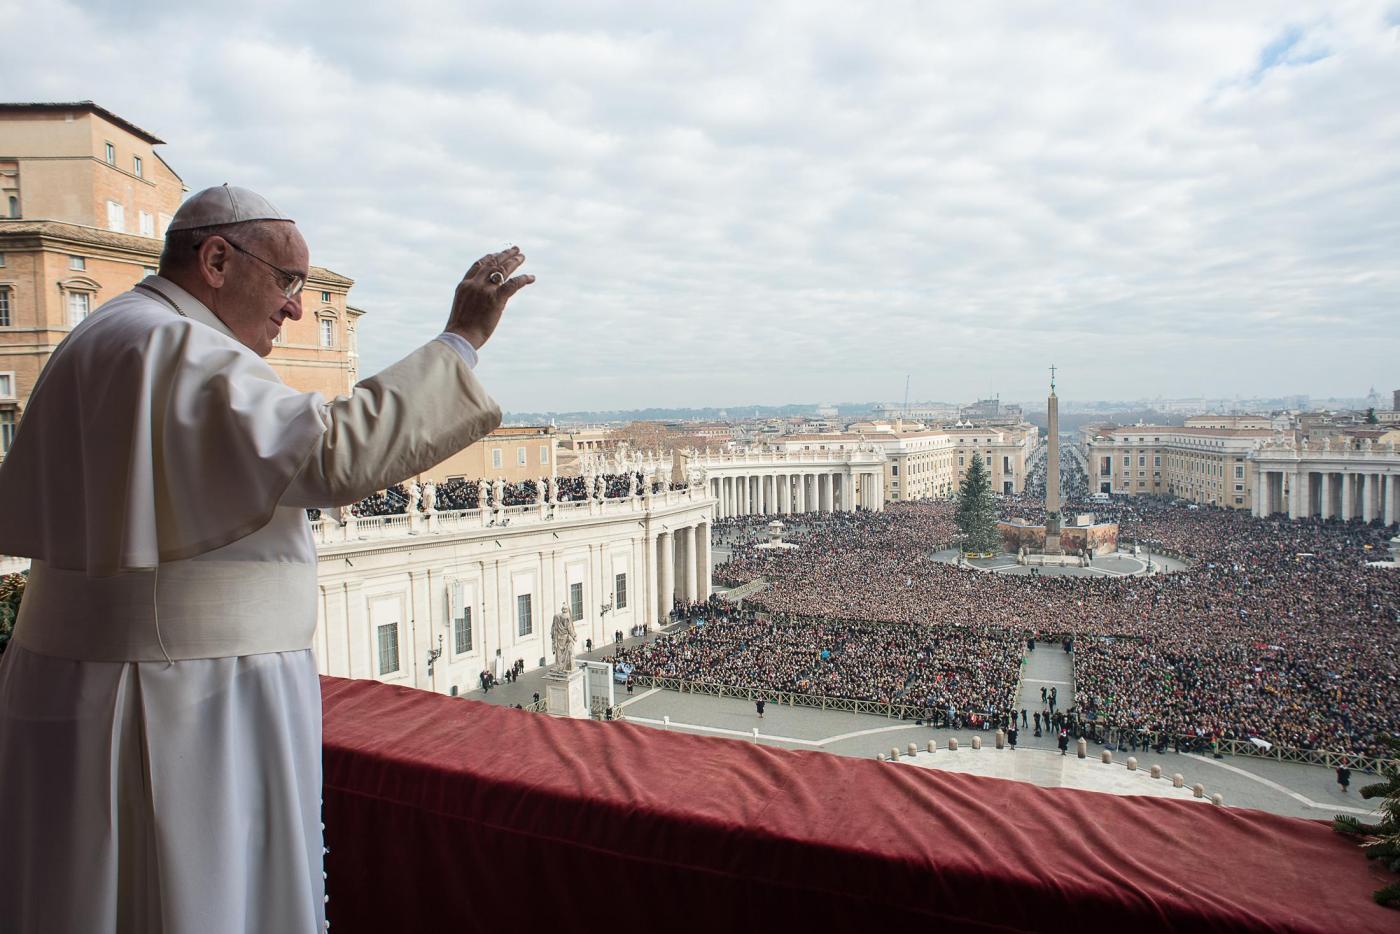 Benedizione di Natale, Papa Francesco: 'Lacrime per i bambini uccisi e maltrattati'